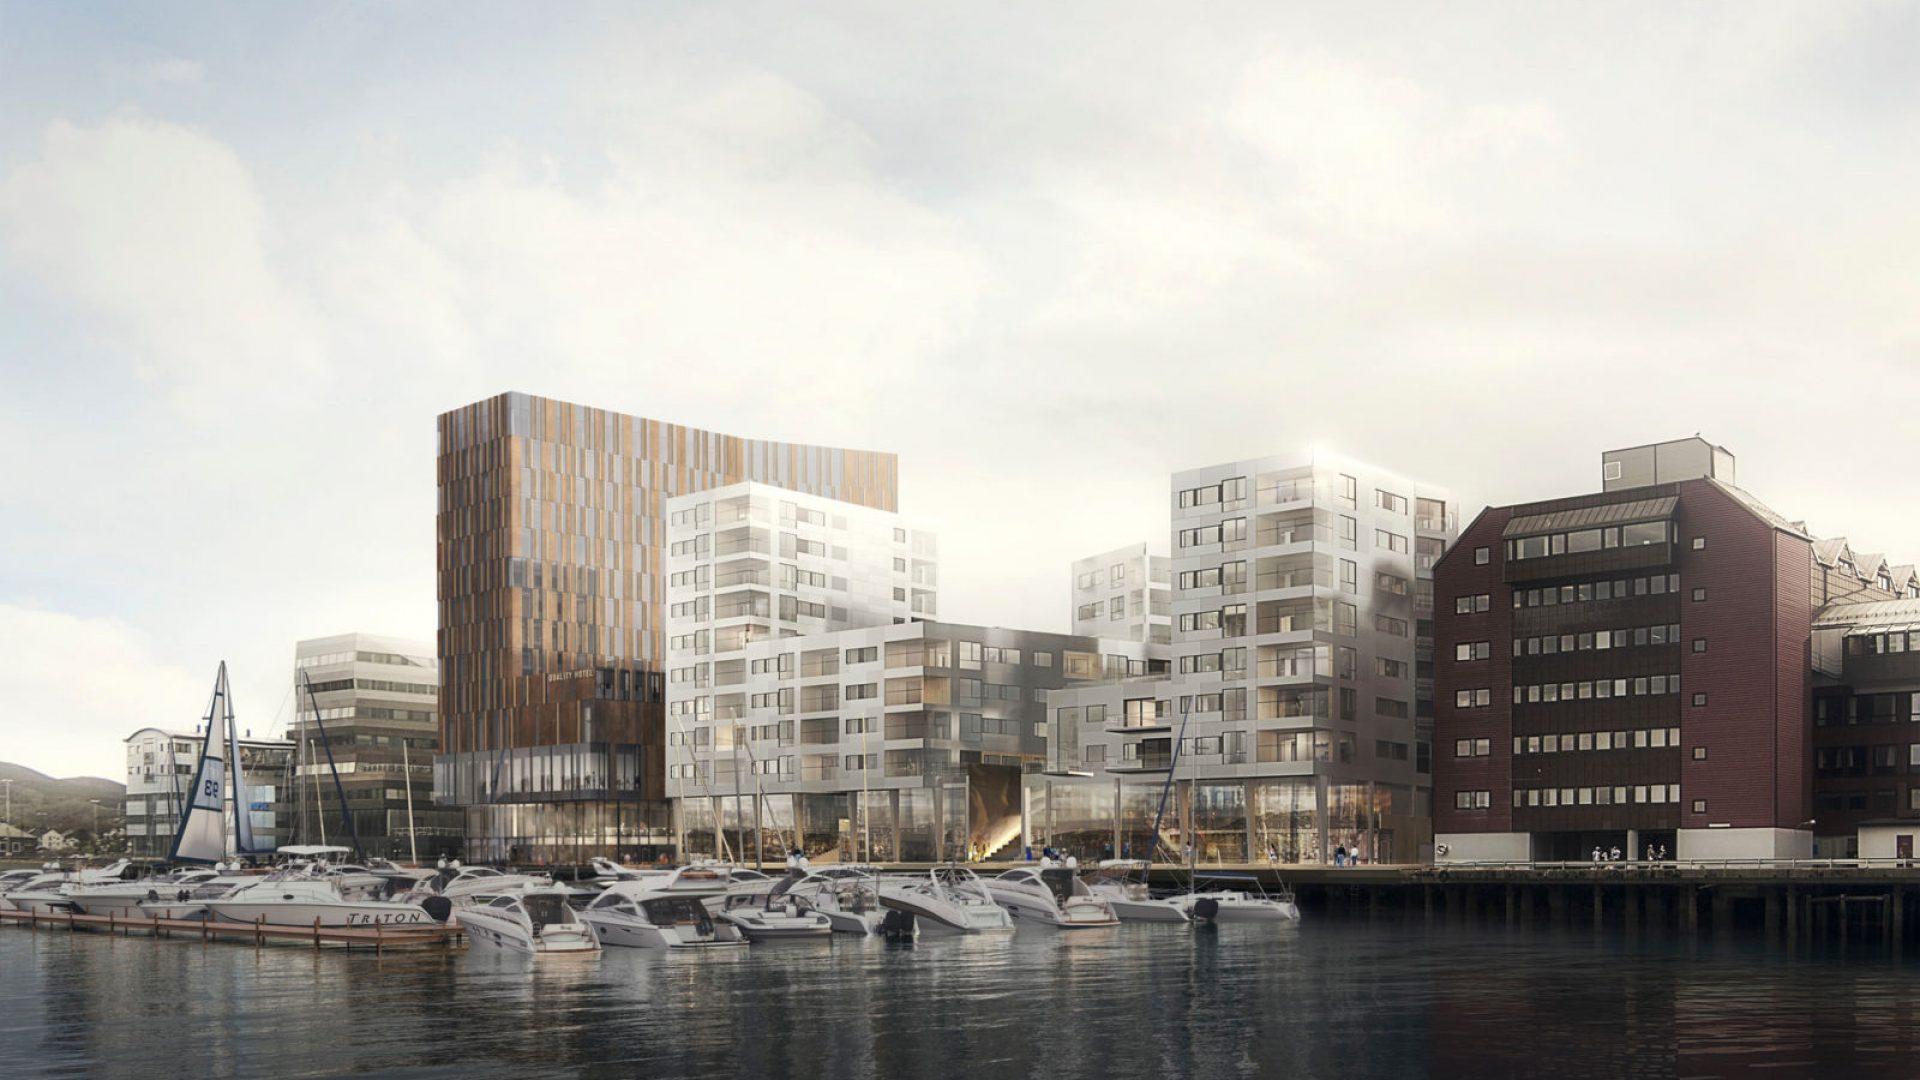 40008_Quality_Hotell_Bod_Nordic_Brick_Visual_devsize_8dc26ff132f44ce96291c13c61855fa4